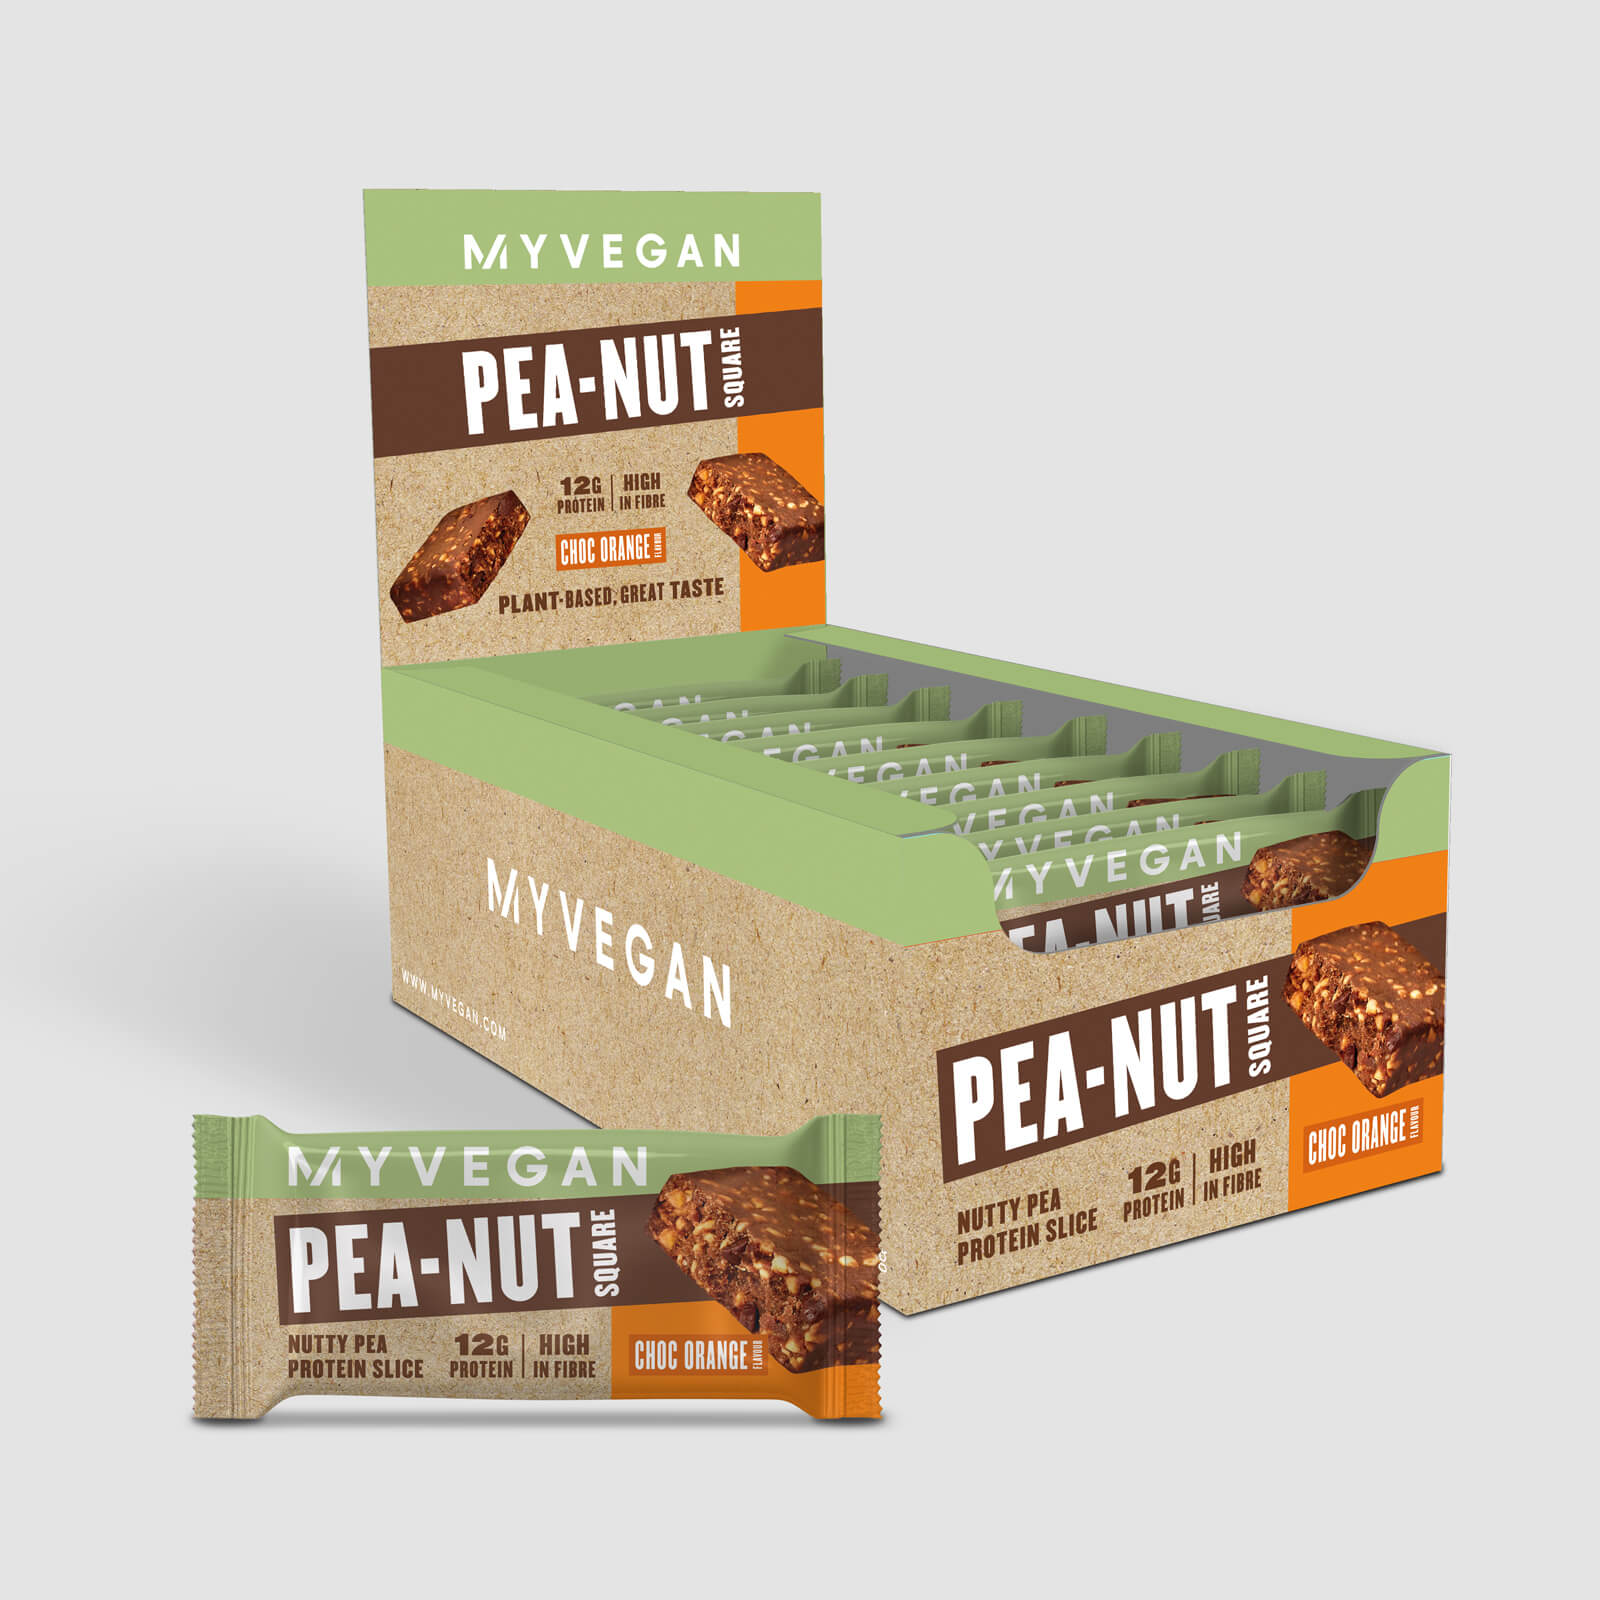 Pea-Nut Square - Choc Orange